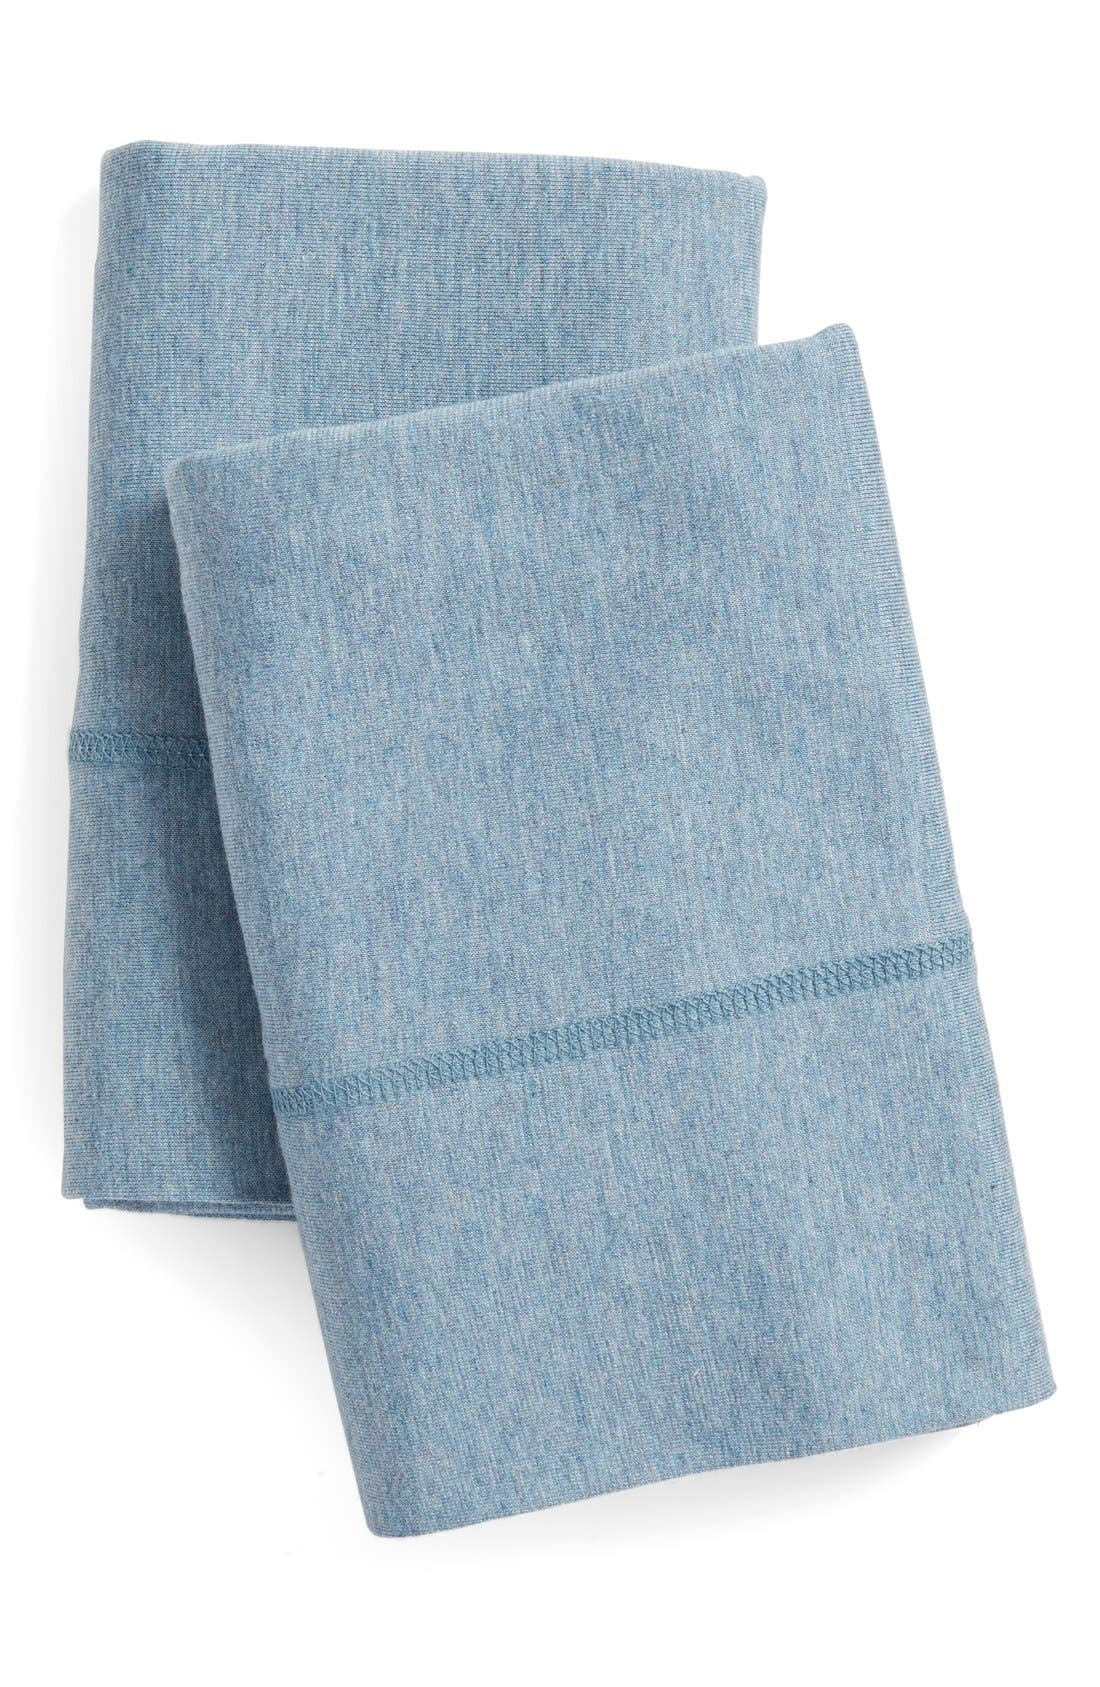 Alternate Image 1 Selected - Calvin Klein Home Modern Cotton Collection Cotton & Modal Pillowcases